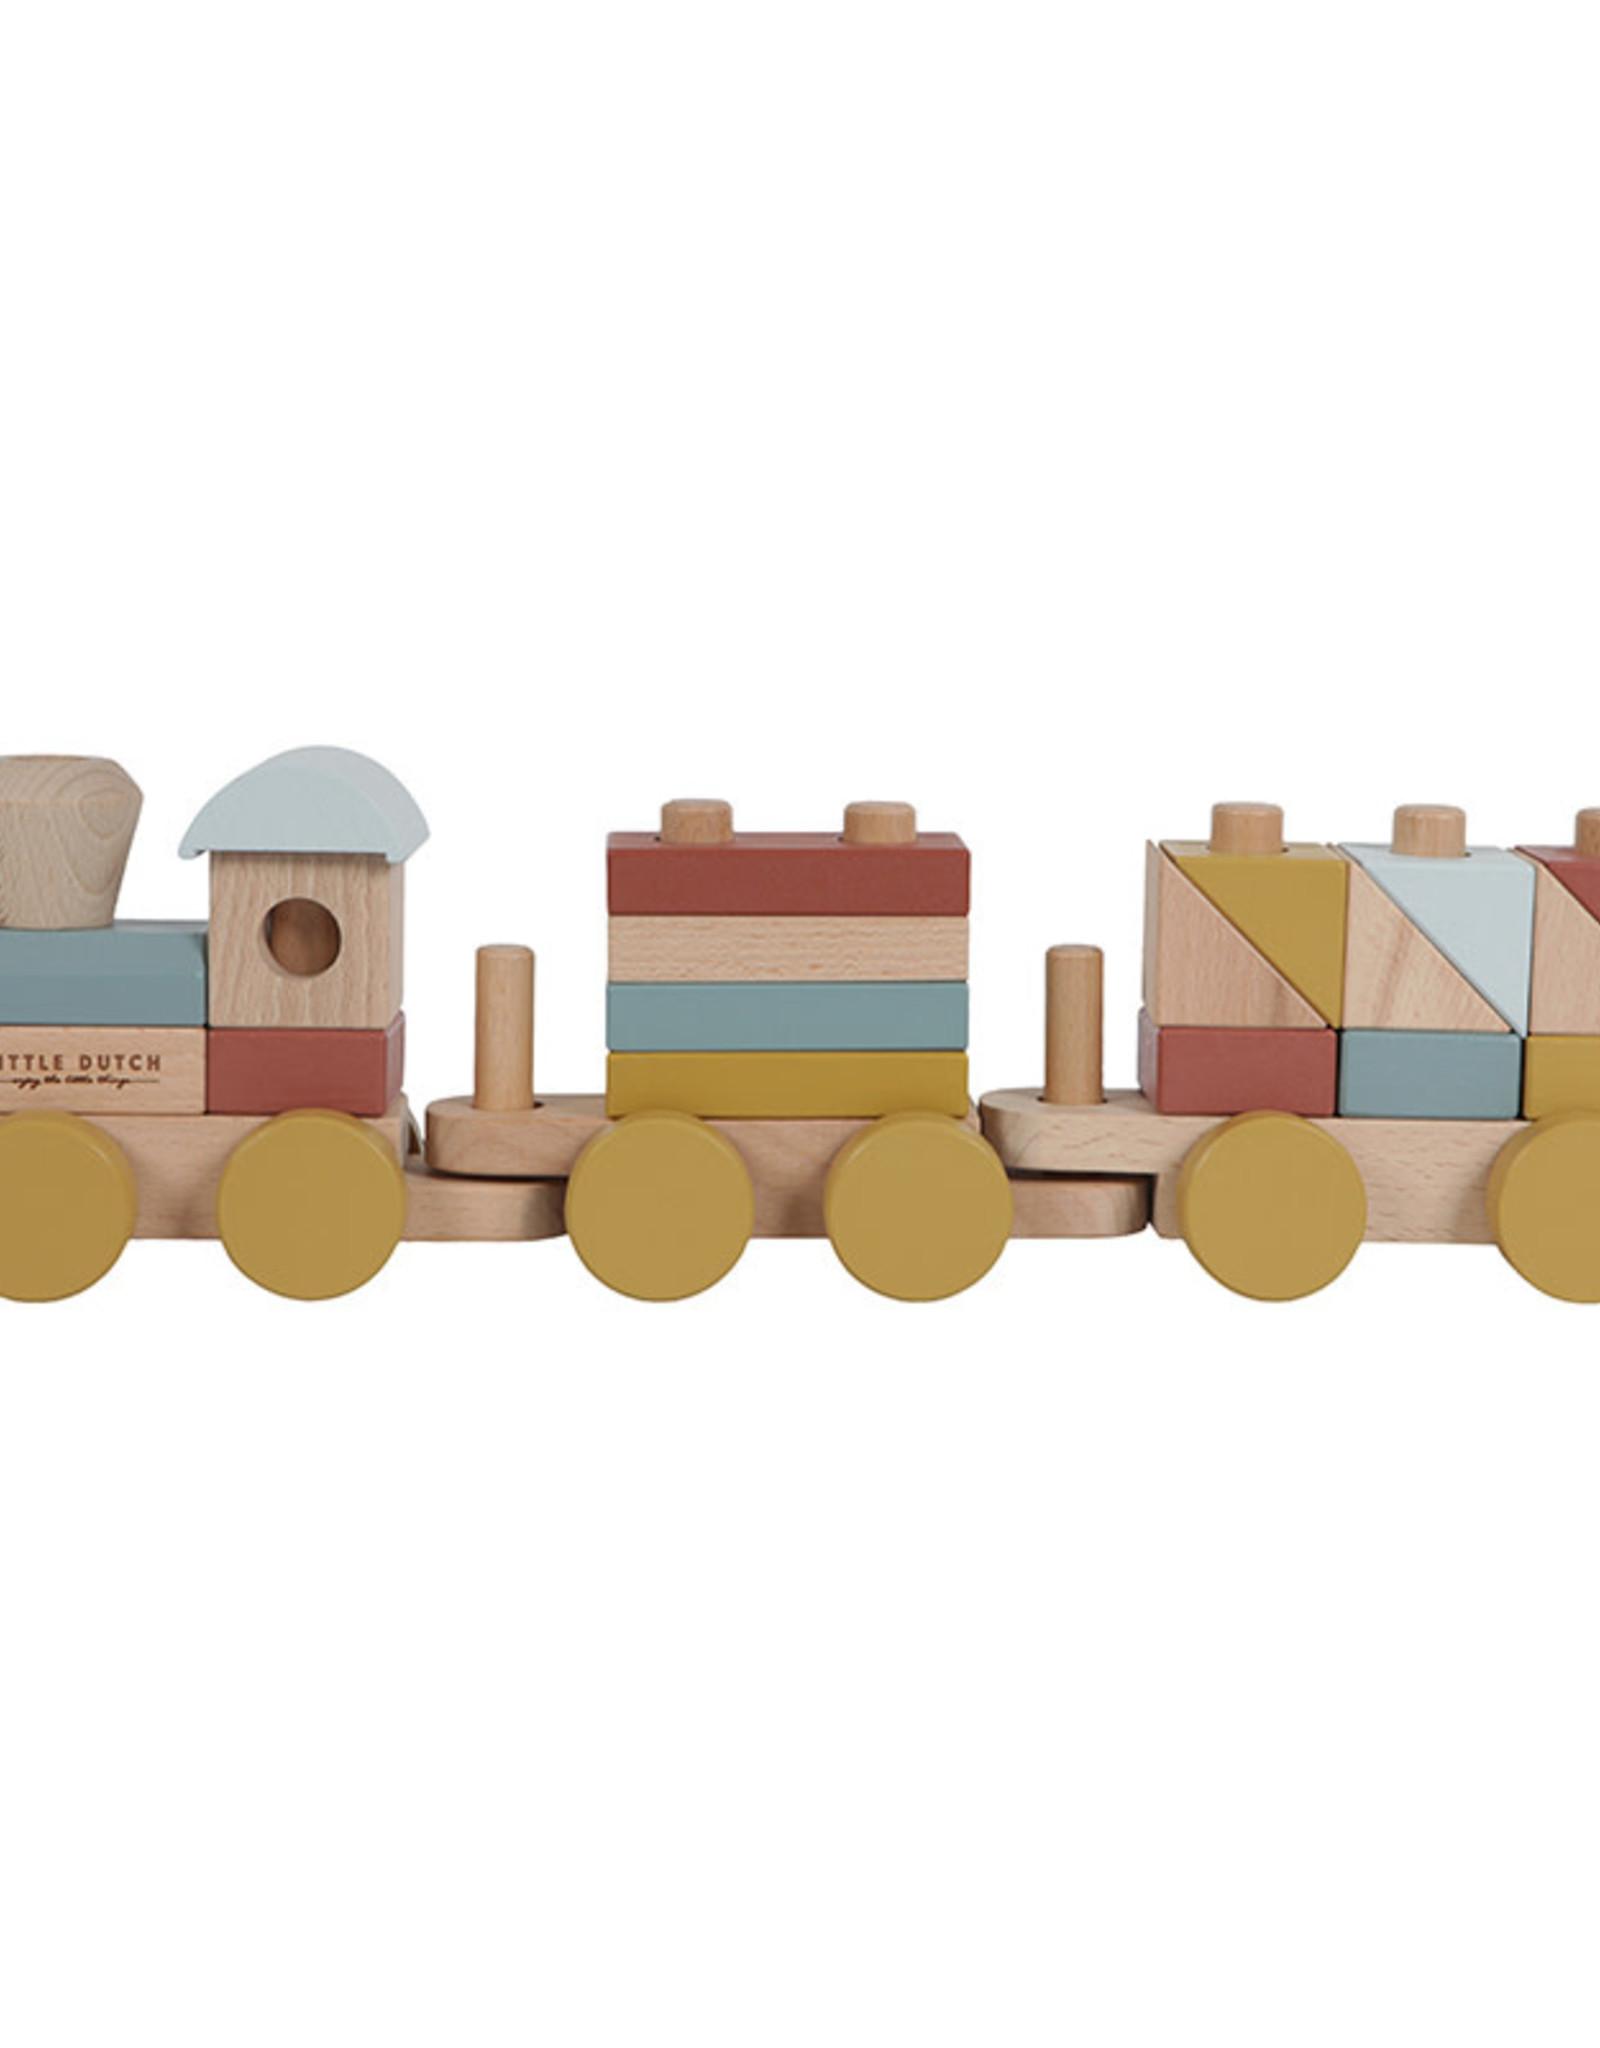 Little Dutch Little Dutch houten blokken trein Pure & Nature